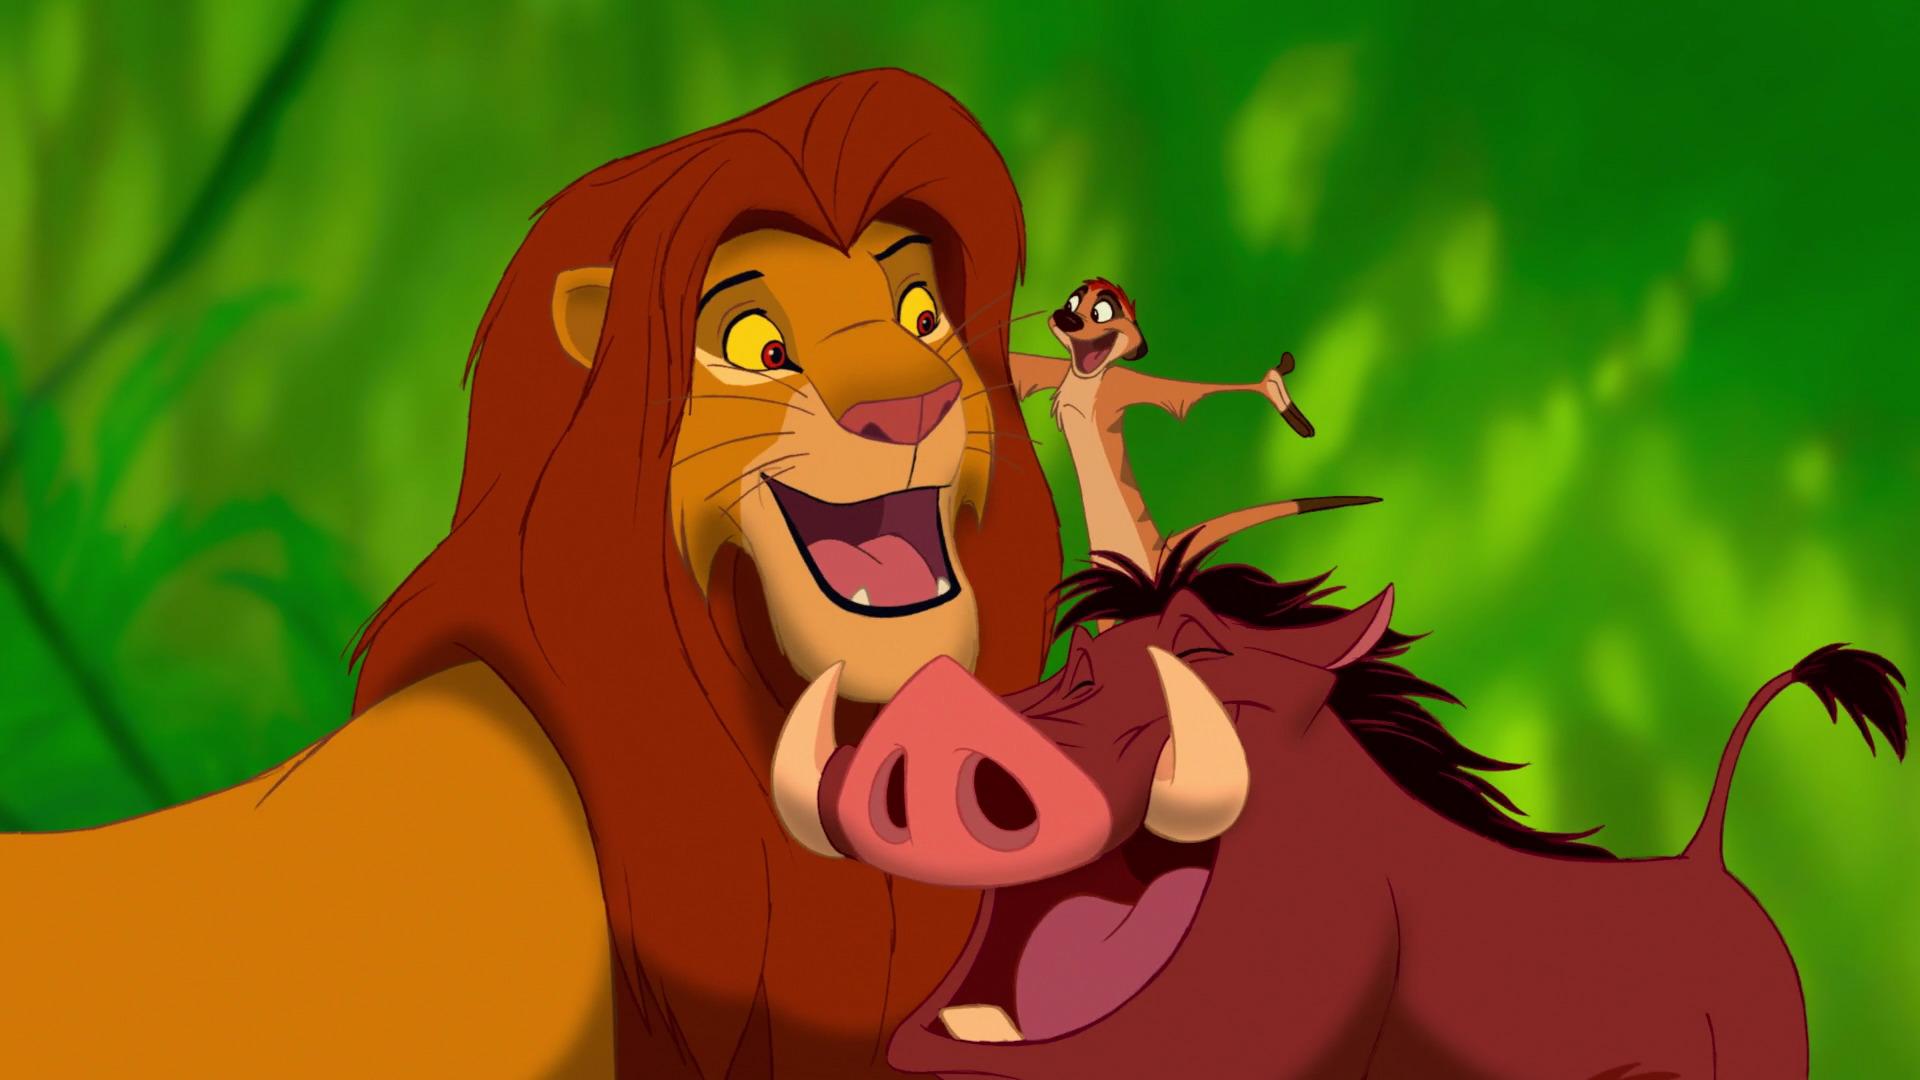 Simba with Timon and Pumbaa.